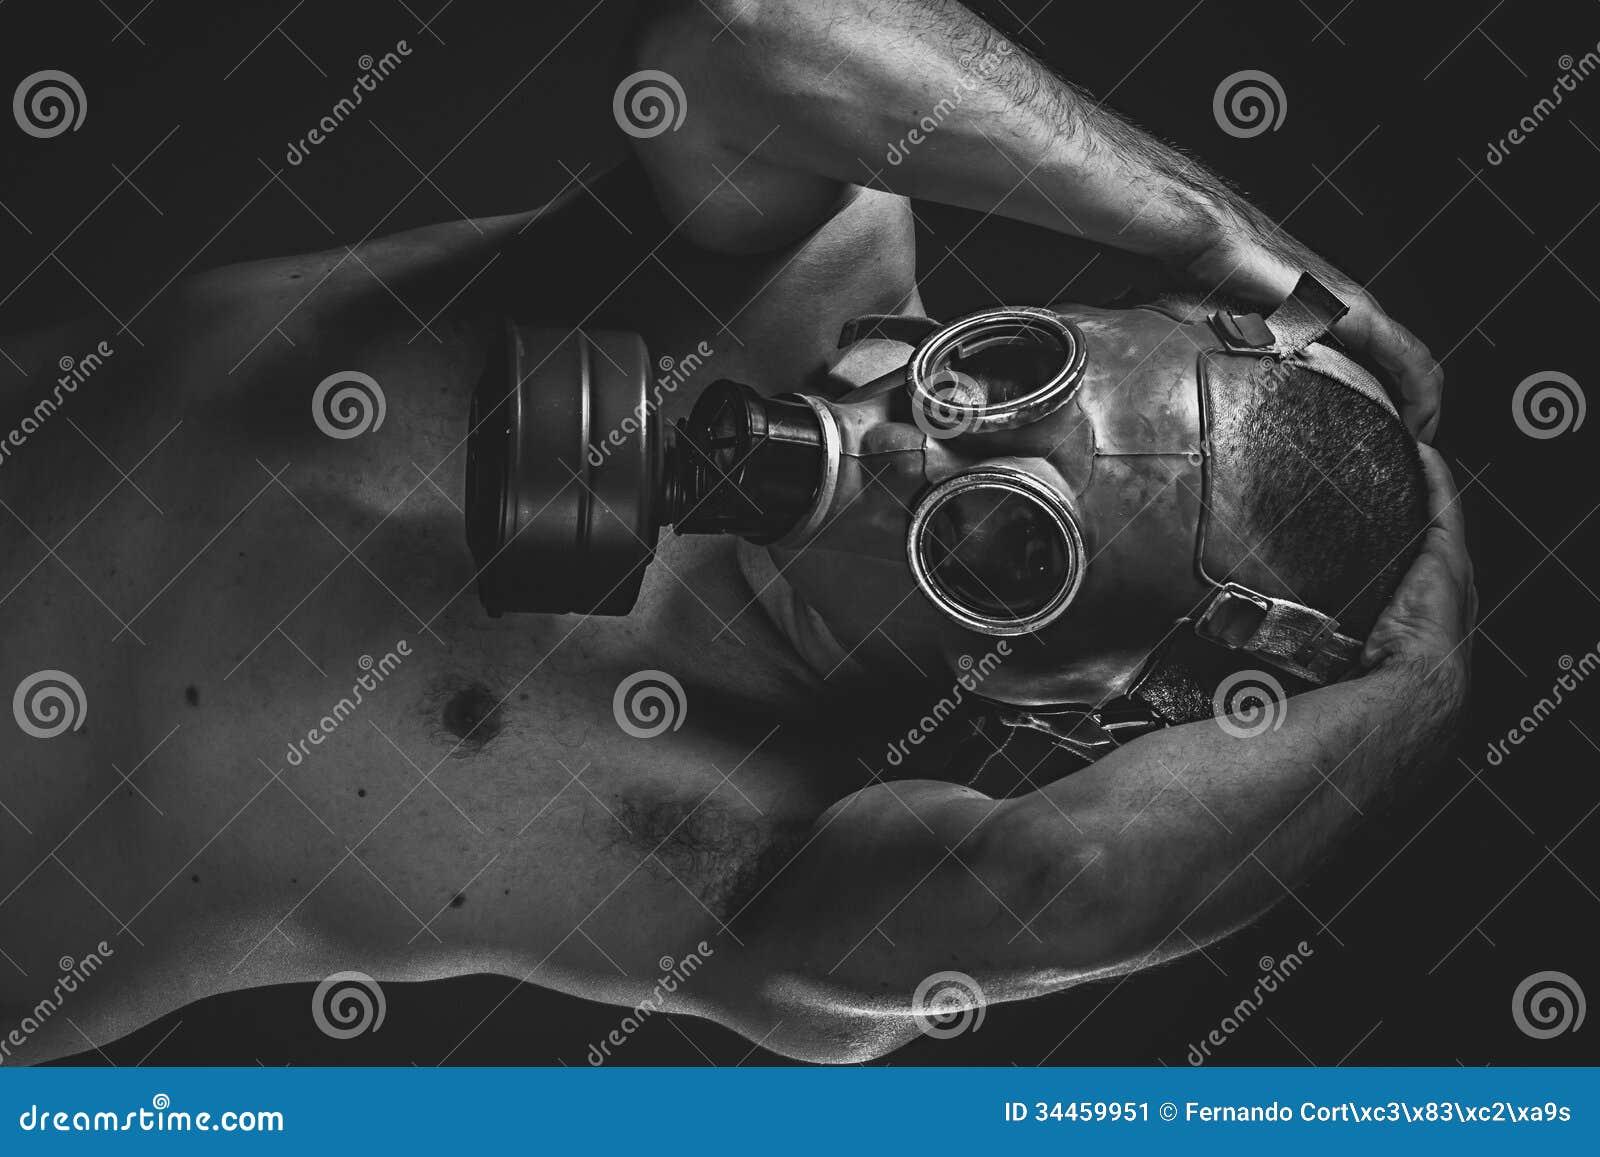 Tag Des Jüngsten Gerichts Ein Mann In Einer Gasmaske Im Rauche